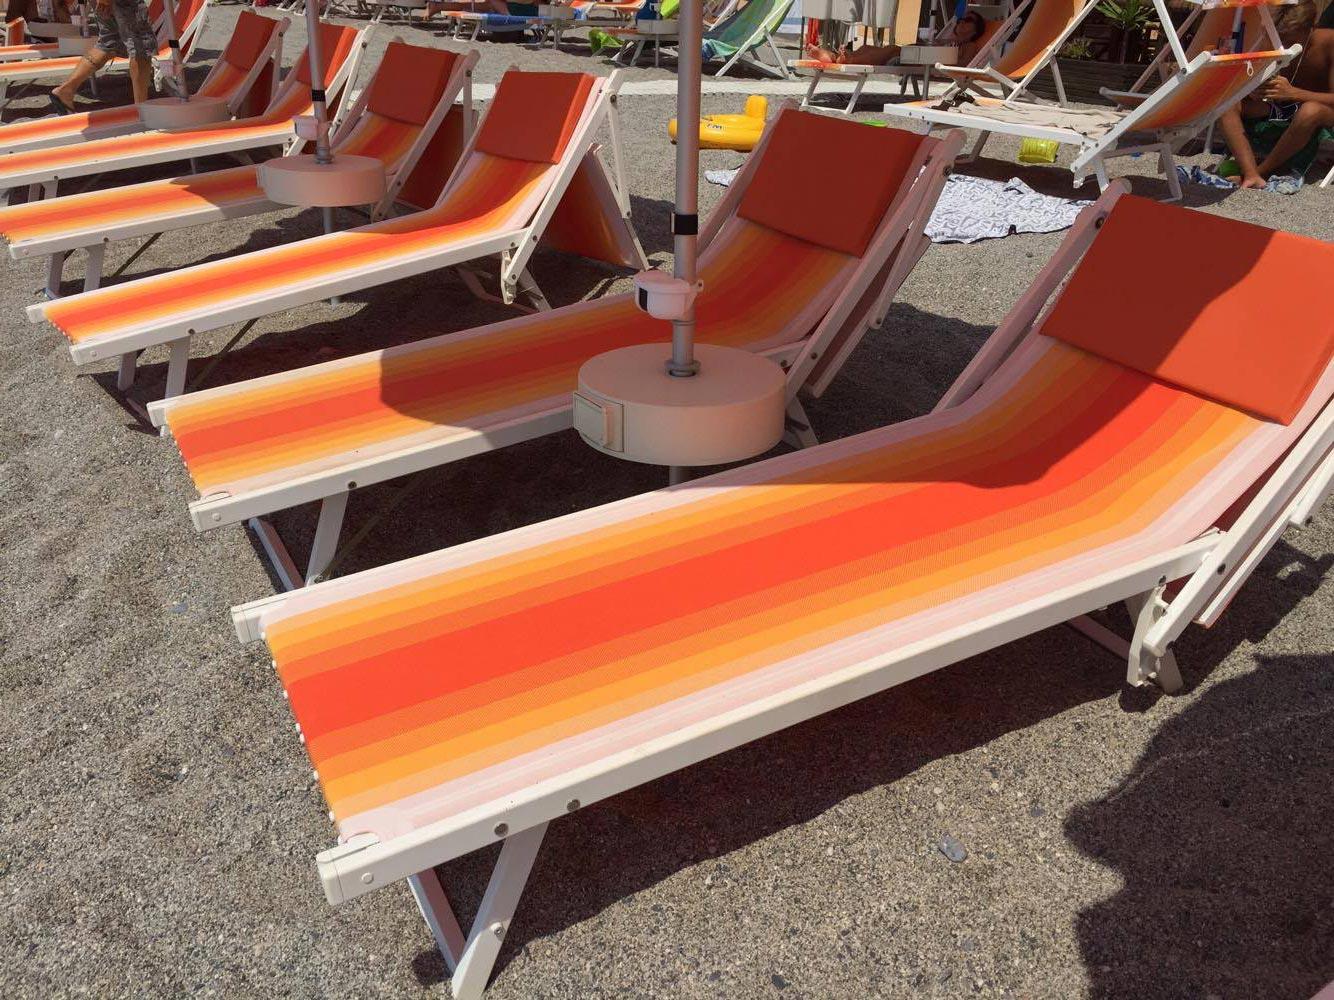 cuscini-per-lettino-spiaggia-waterproof